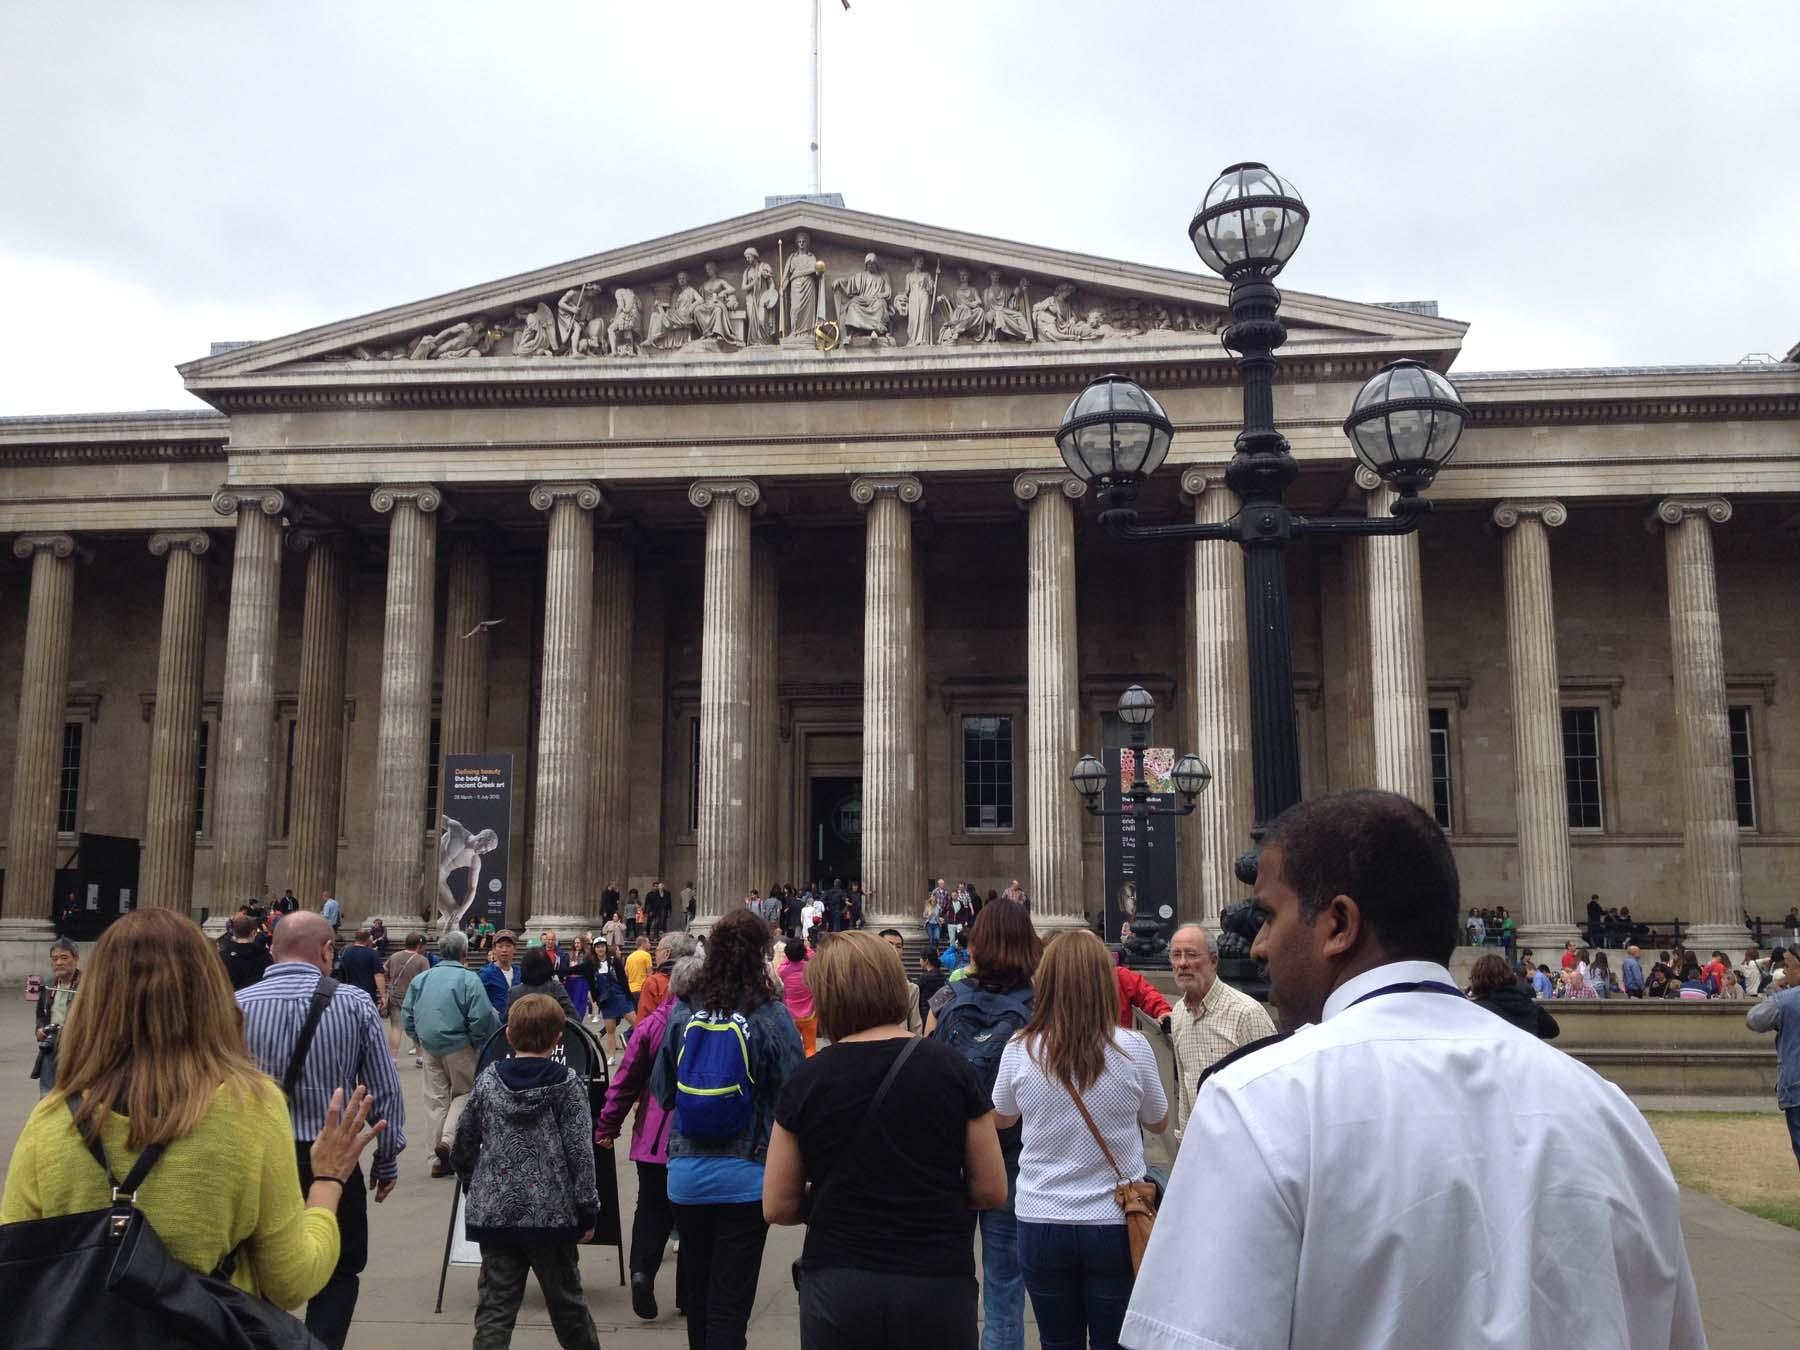 imposing exterior of British Museum